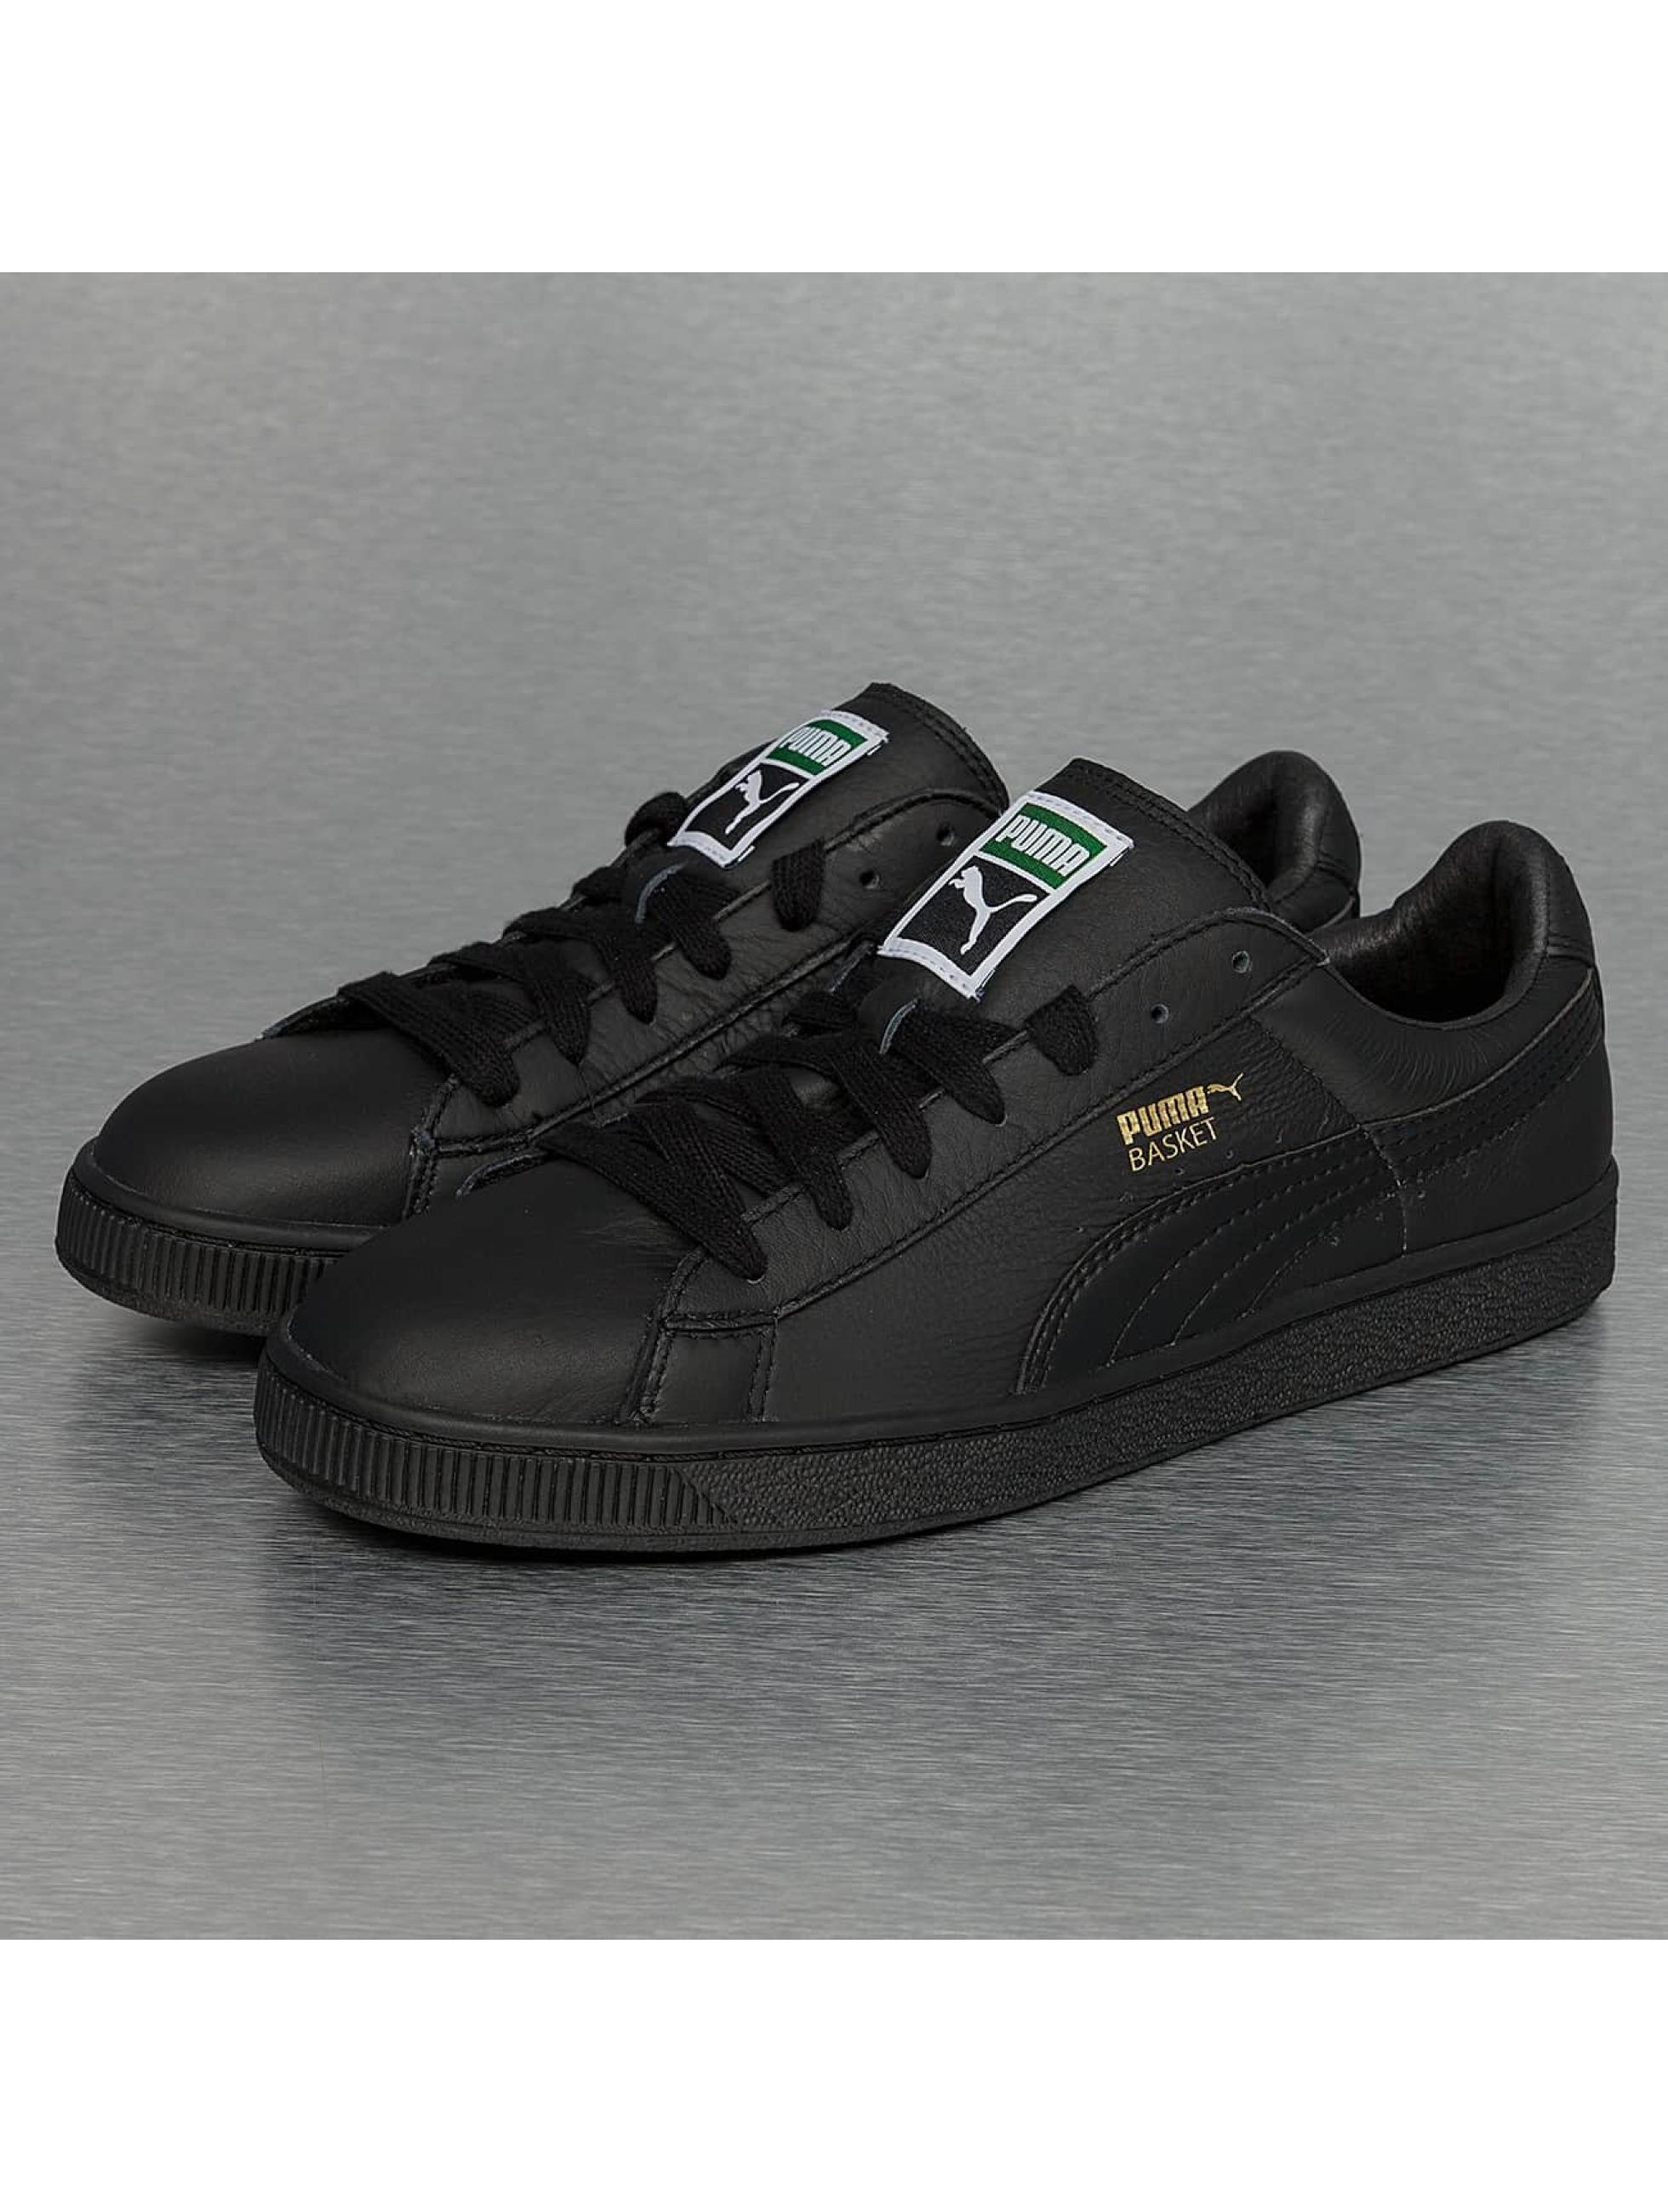 Puma Olkalaukku Musta : Puma keng?t basket classic lfs tennarit musta